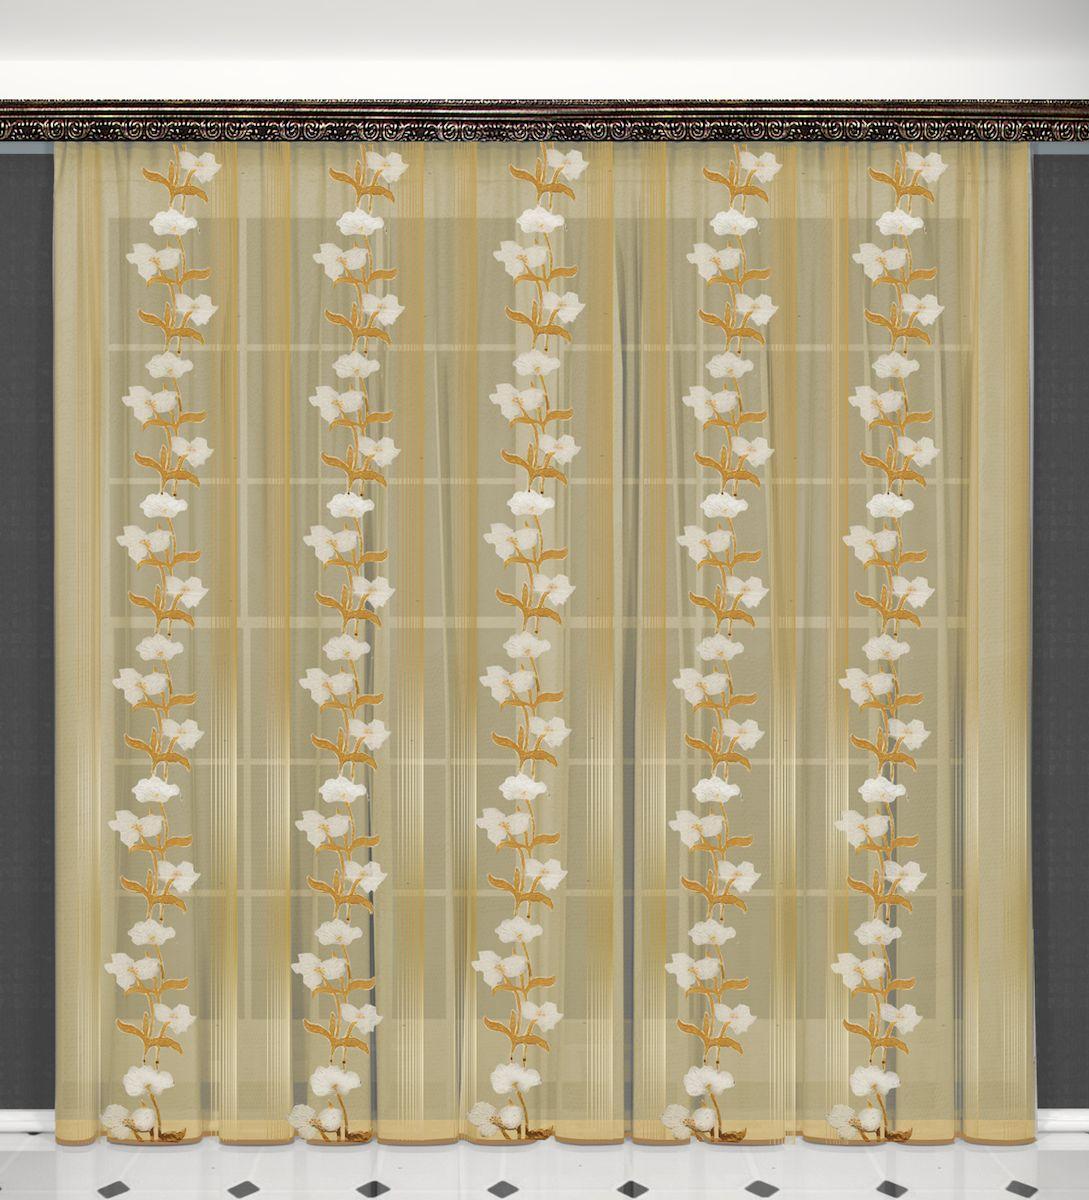 Тюль Zlata Korunka, на ленте, цвет: бежевый, высота 270 см. 55632S03301004Тюль Zlata Korunka, изготовленный из полиэстера, великолепно украсит любое окно. Воздушная ткань и нежный цветочный рисунок привлекут к себе внимание и органично впишутся в интерьер помещения. Полиэстер - вид ткани, состоящий из полиэфирных волокон. Ткани из полиэстера - легкие, прочные и износостойкие. Такие изделия не требуют специального ухода, не пылятся и почти не мнутся.Тюль крепится на карниз при помощи ленты, которая поможет красиво и равномерно задрапировать верх. Такой тюль идеально оформит интерьер любого помещения.